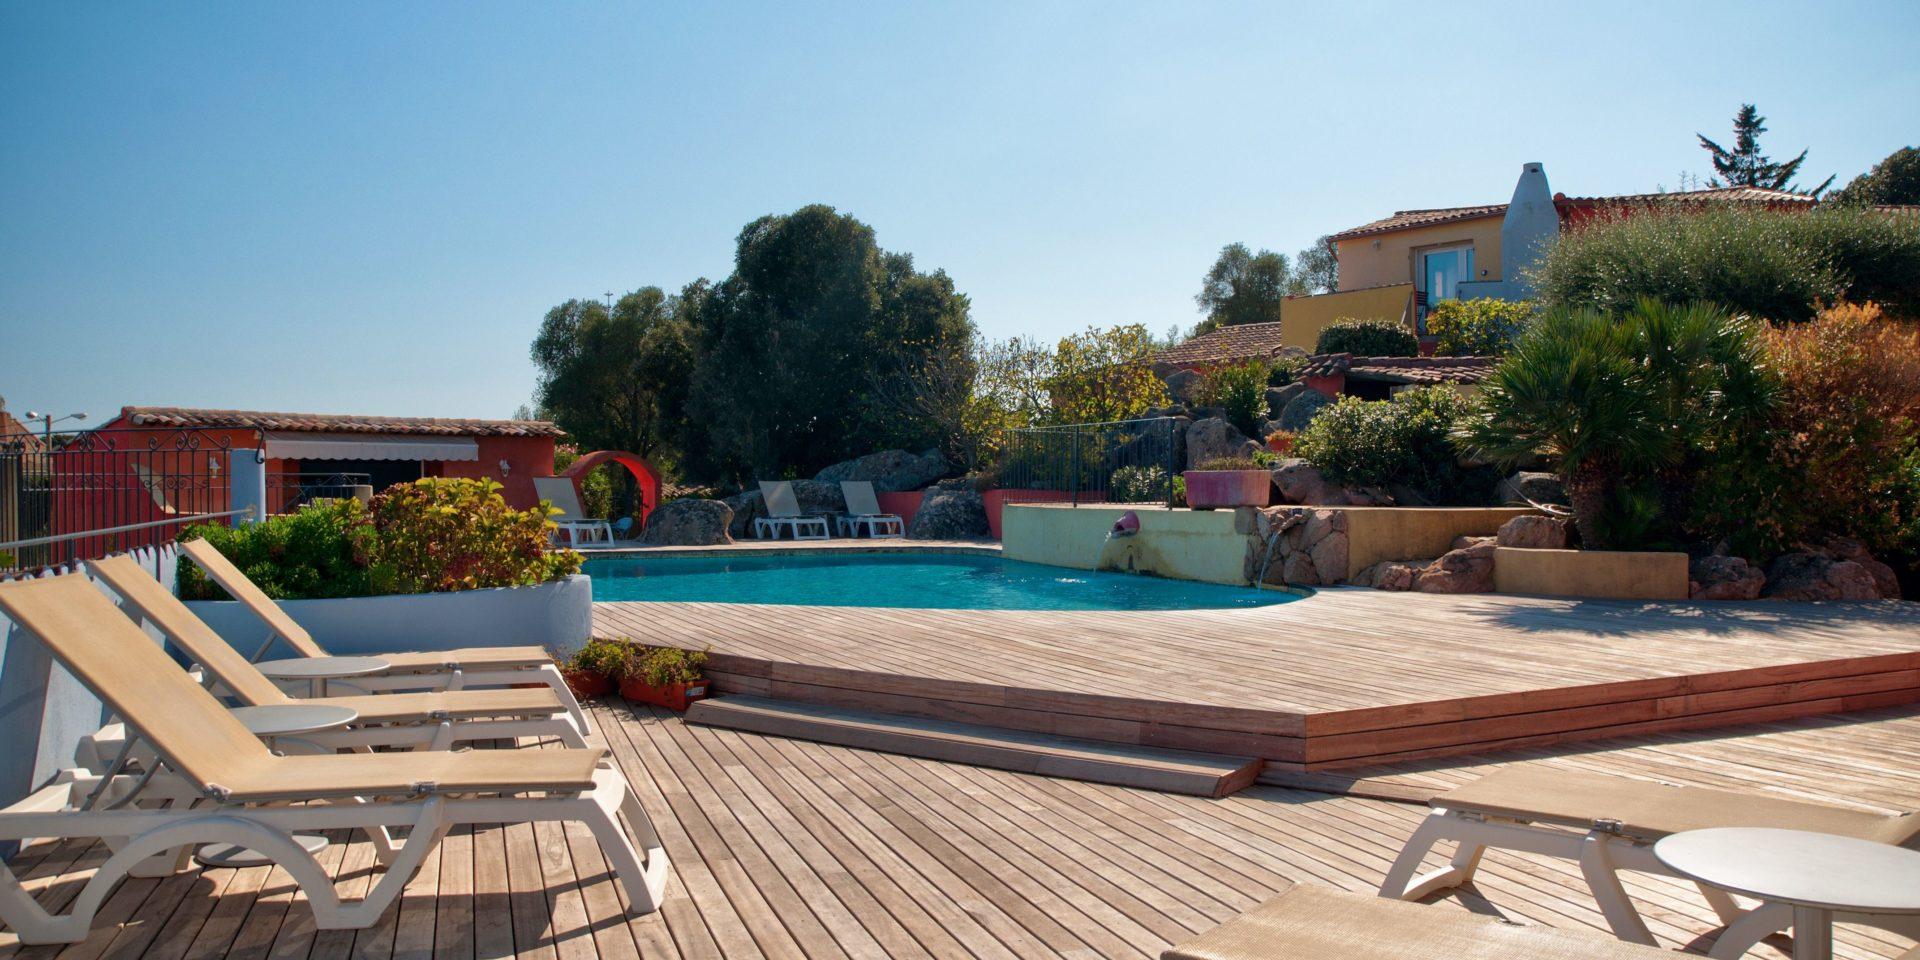 Hotel Le Roc E Fiori Porto-Vecchio Bocca del'Oro Corsica Frankrijk gebouwen terras zwembad ligbedden teakhout